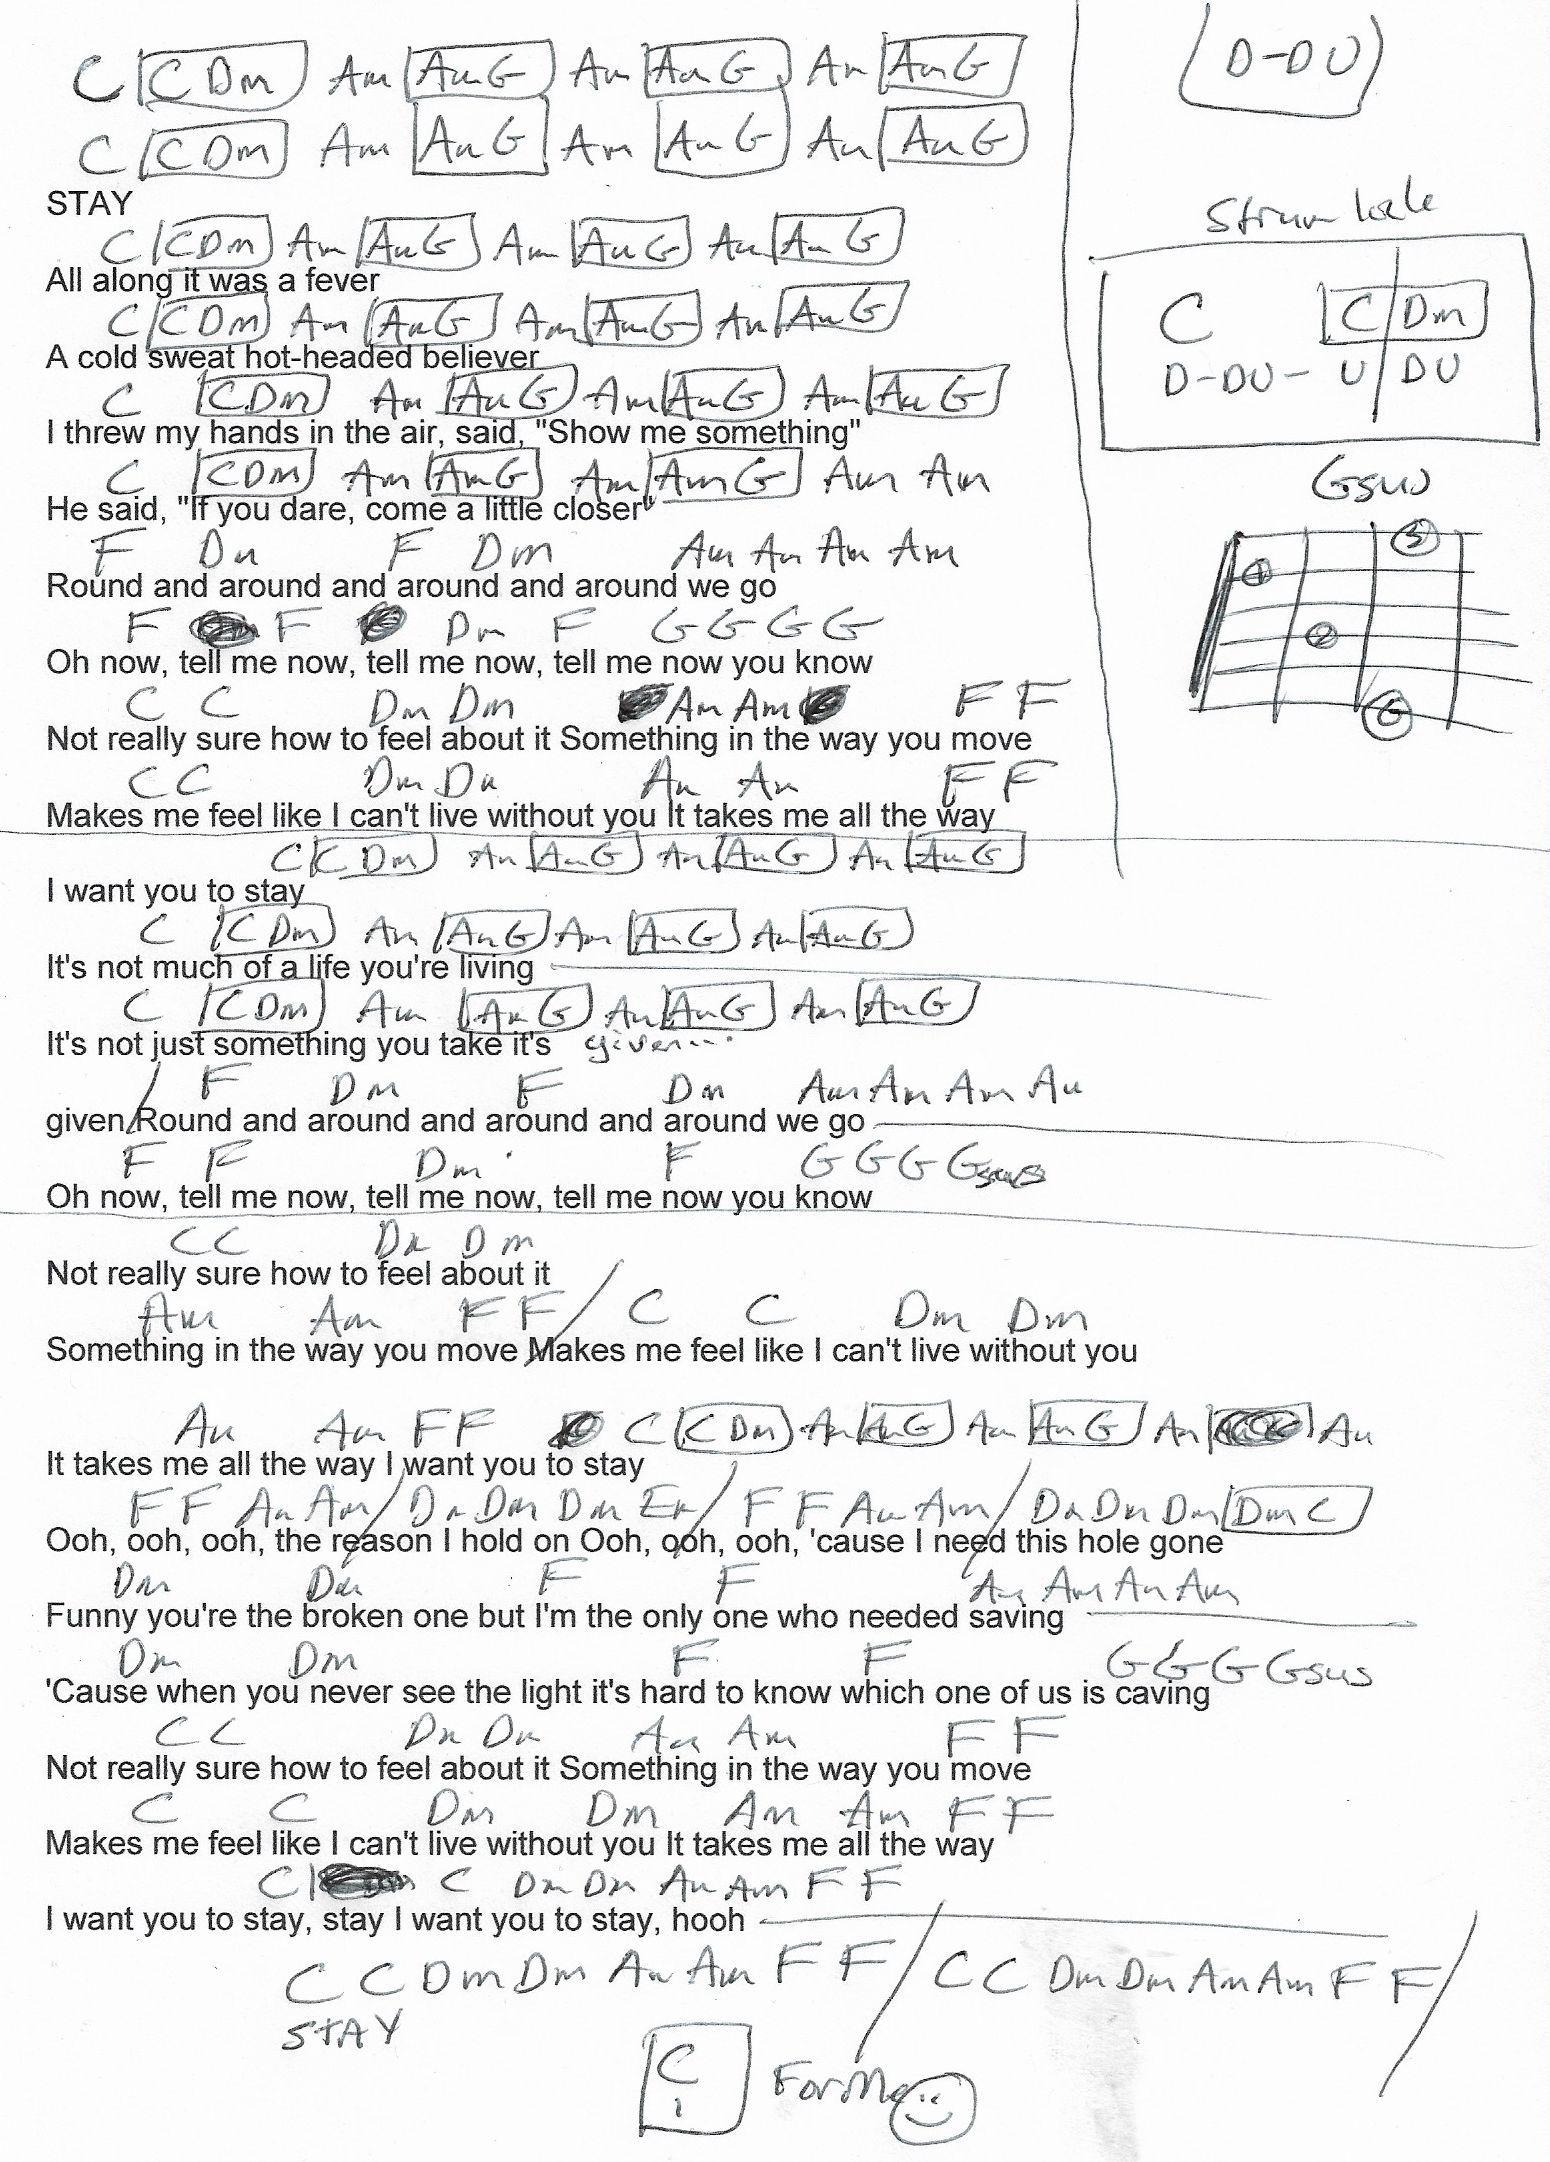 Stay Rihanna Guitar Chord Chart 2018 Guitar Lesson Chord